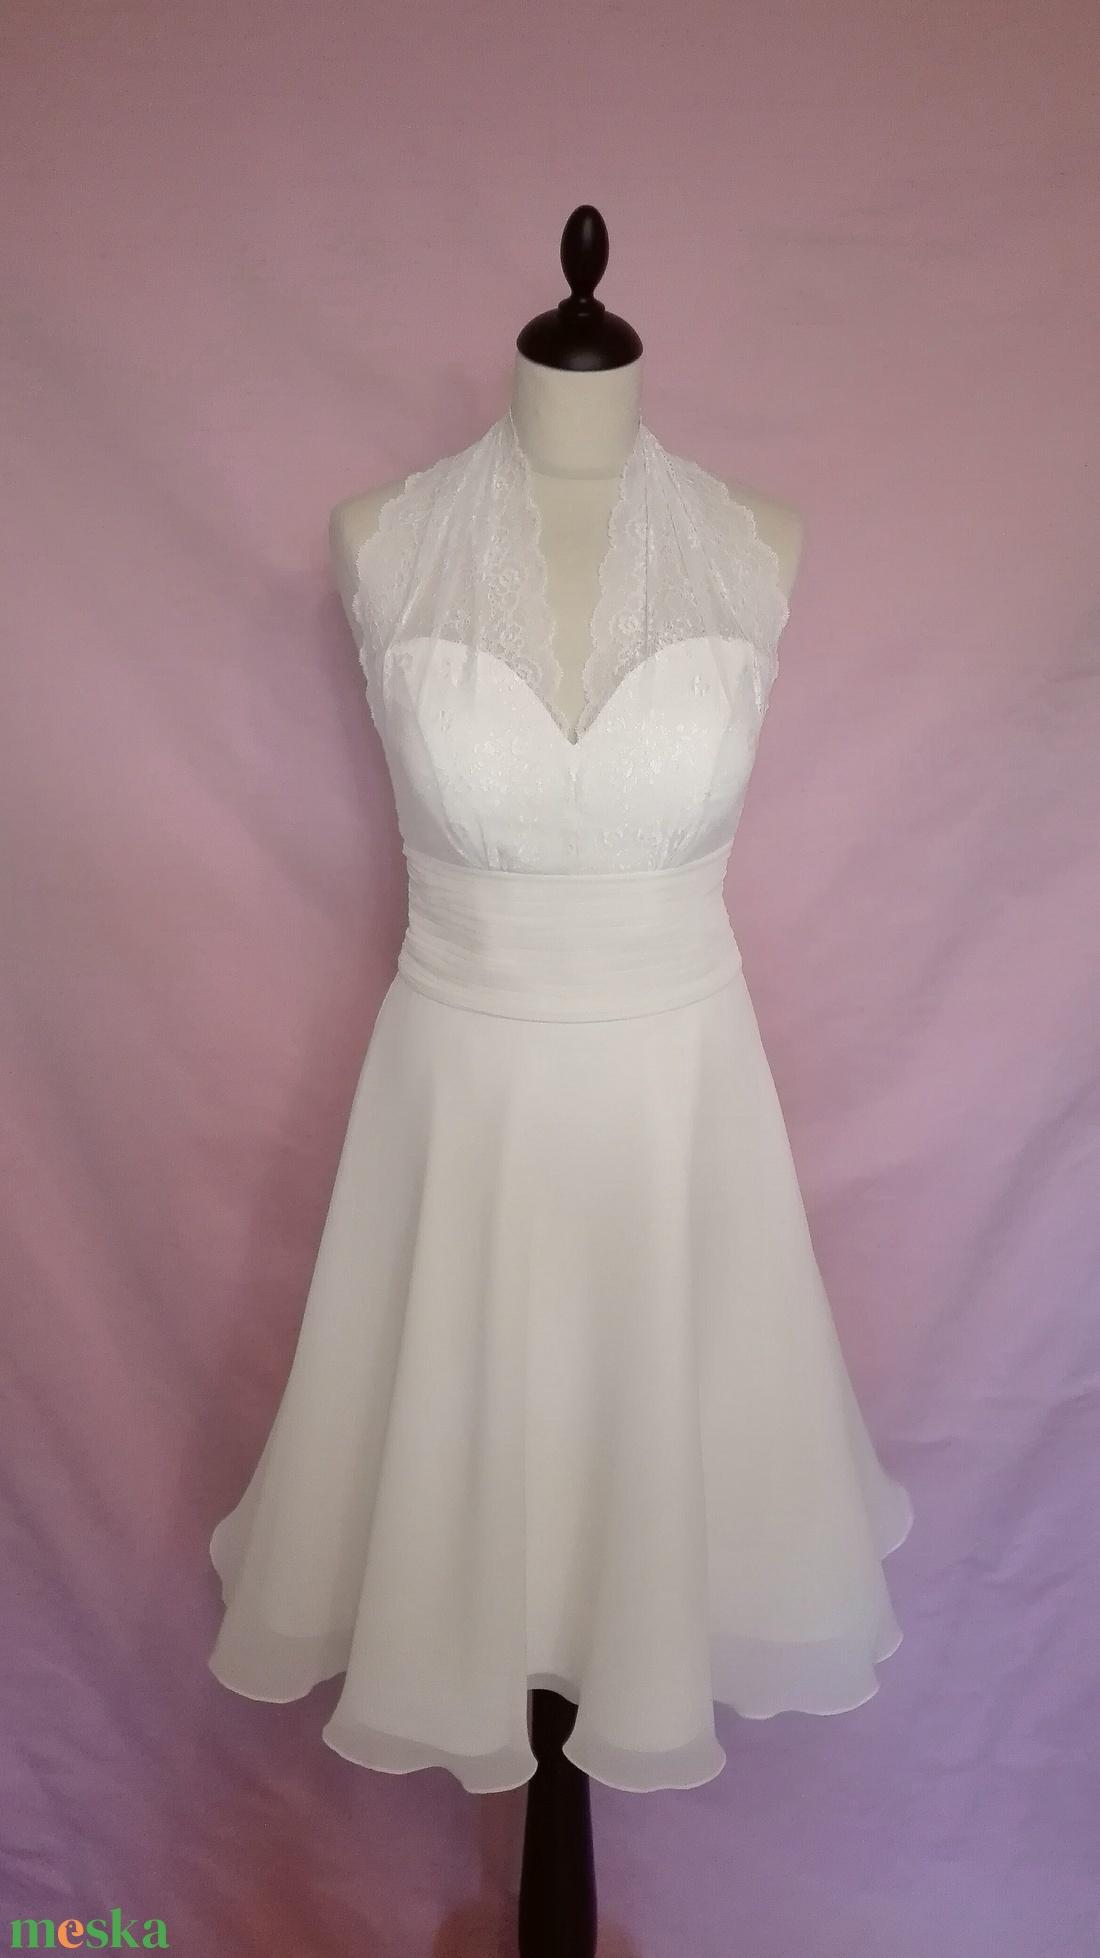 Marylin Monroe jellegű menyasszonyiruha (nicoledesign) - Meska.hu 66ad9cd58a